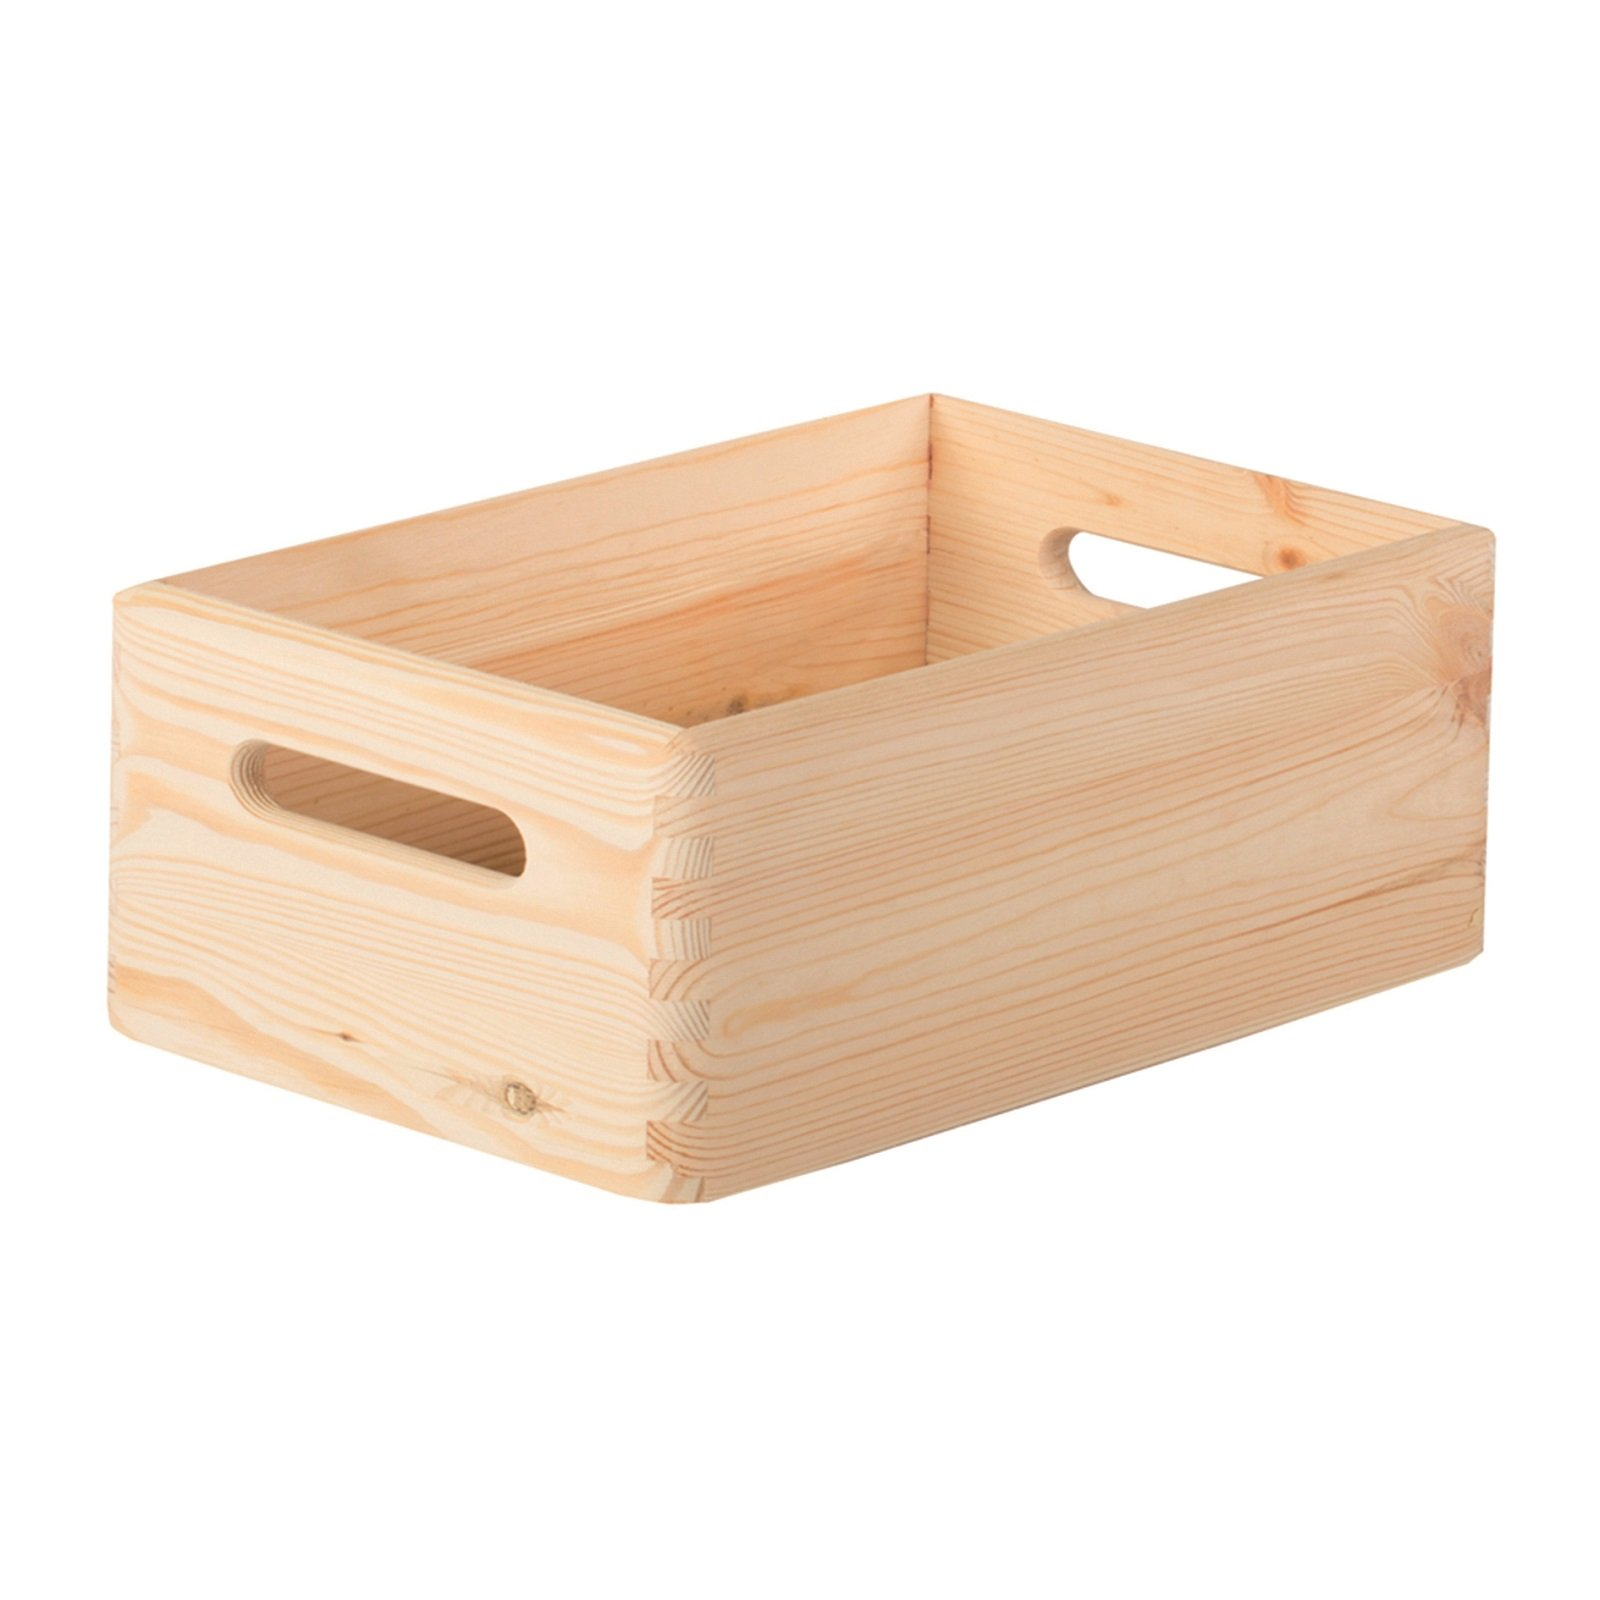 in pino grezzo naturale la solida scatola di leroy merlin adatta per riporre qualsiasi piccolo